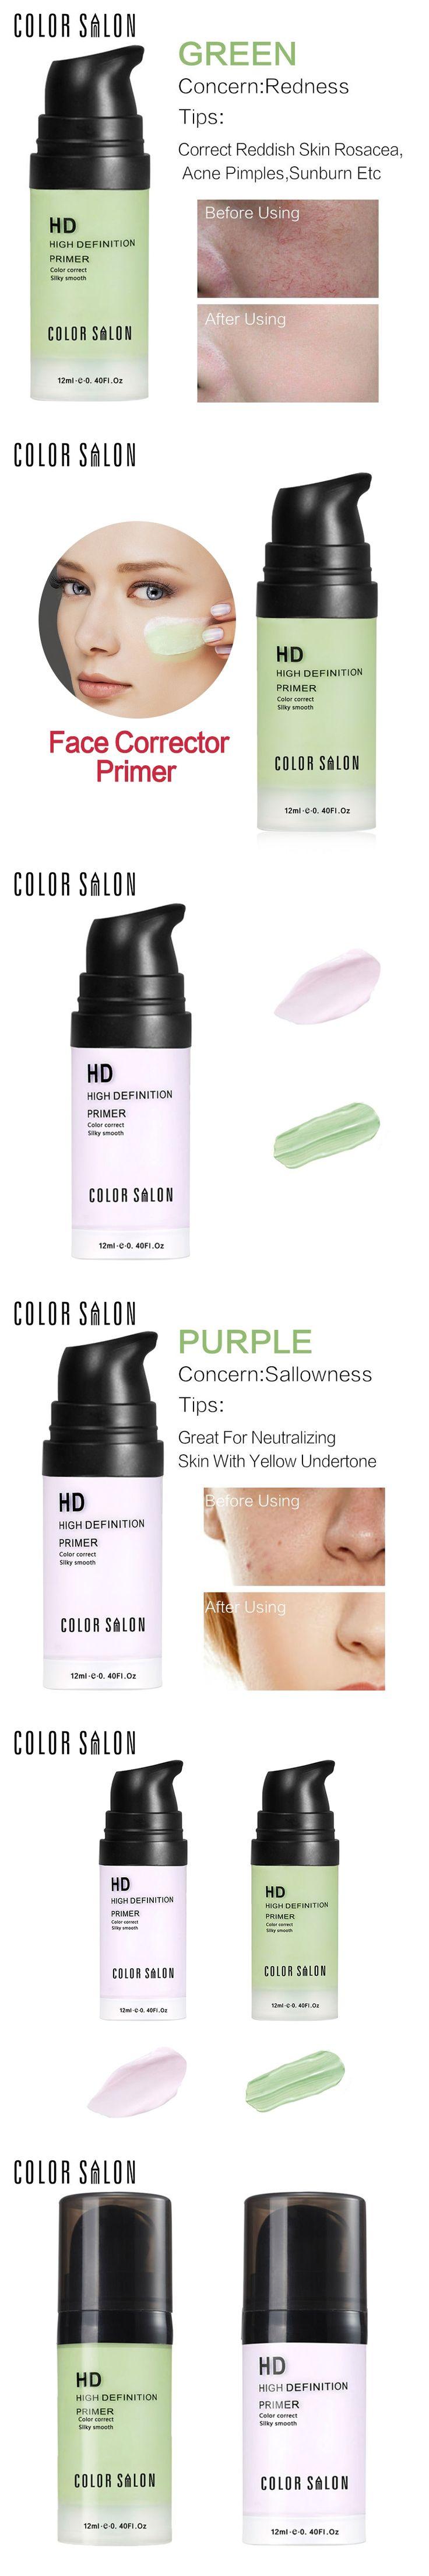 Color Salon HD Face Corrector Primer 12ml Smooth Makeup Base Contour Facial Concealer Cream Natural Make up Moisturizer Cosmetic